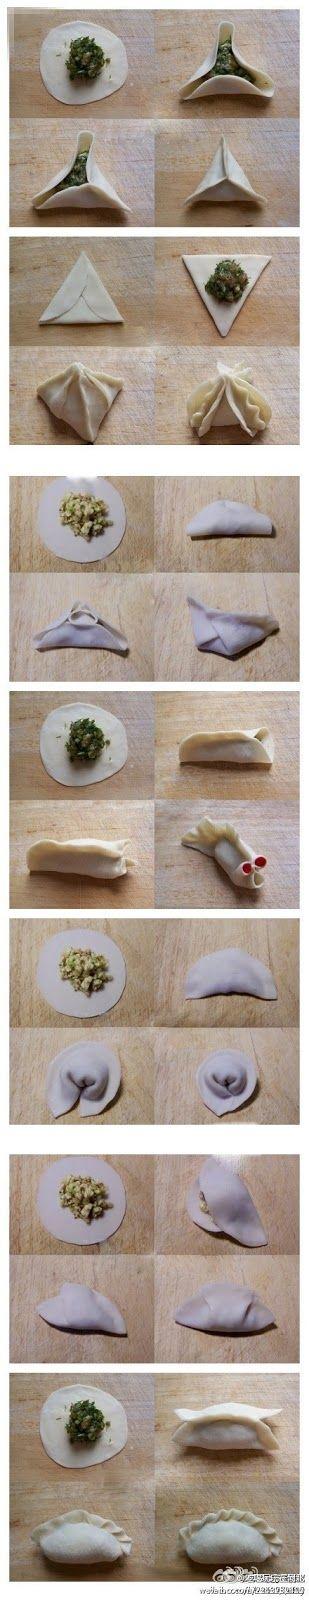 7 modi per chiudere i ravioli cinesi!!! Il ripieno.....mettete quel che vi pare...gamberi, verdure, carne di maiale....